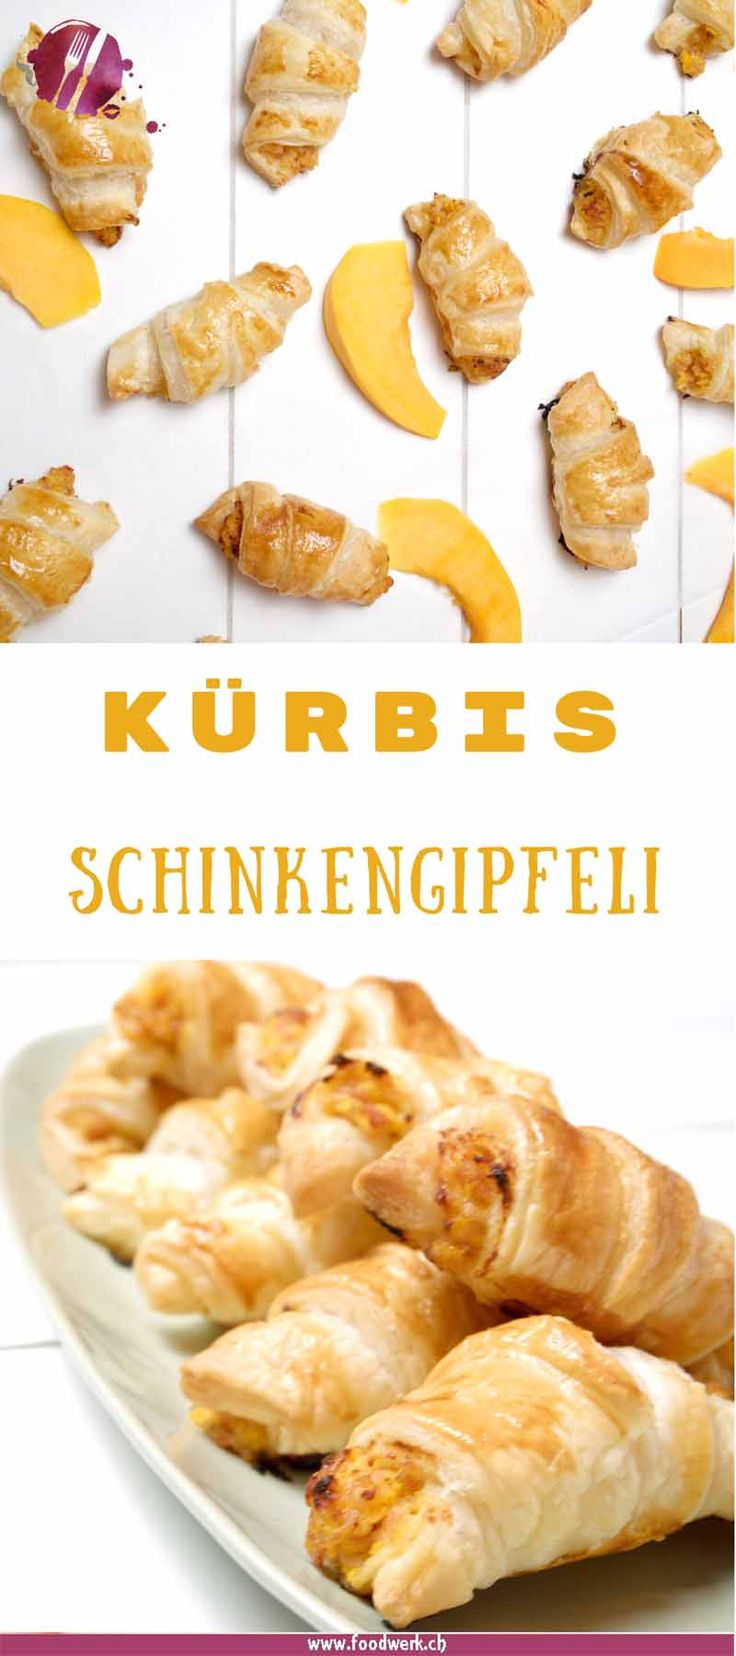 Die Kürbis Schinkengipfeli sin druck zuck gemacht. Es muss ja nicht immer extravagant sein und die Portion extra Gemüse tut auch jedem gut. Die Saison hat erst begonnen, aber die Kürbis Schinkengipfeli können sehr gut auf Vorrat produziert werden. Also los, vorauf wartet ihr? ;-) #kürbis #vorrat #snack #backen